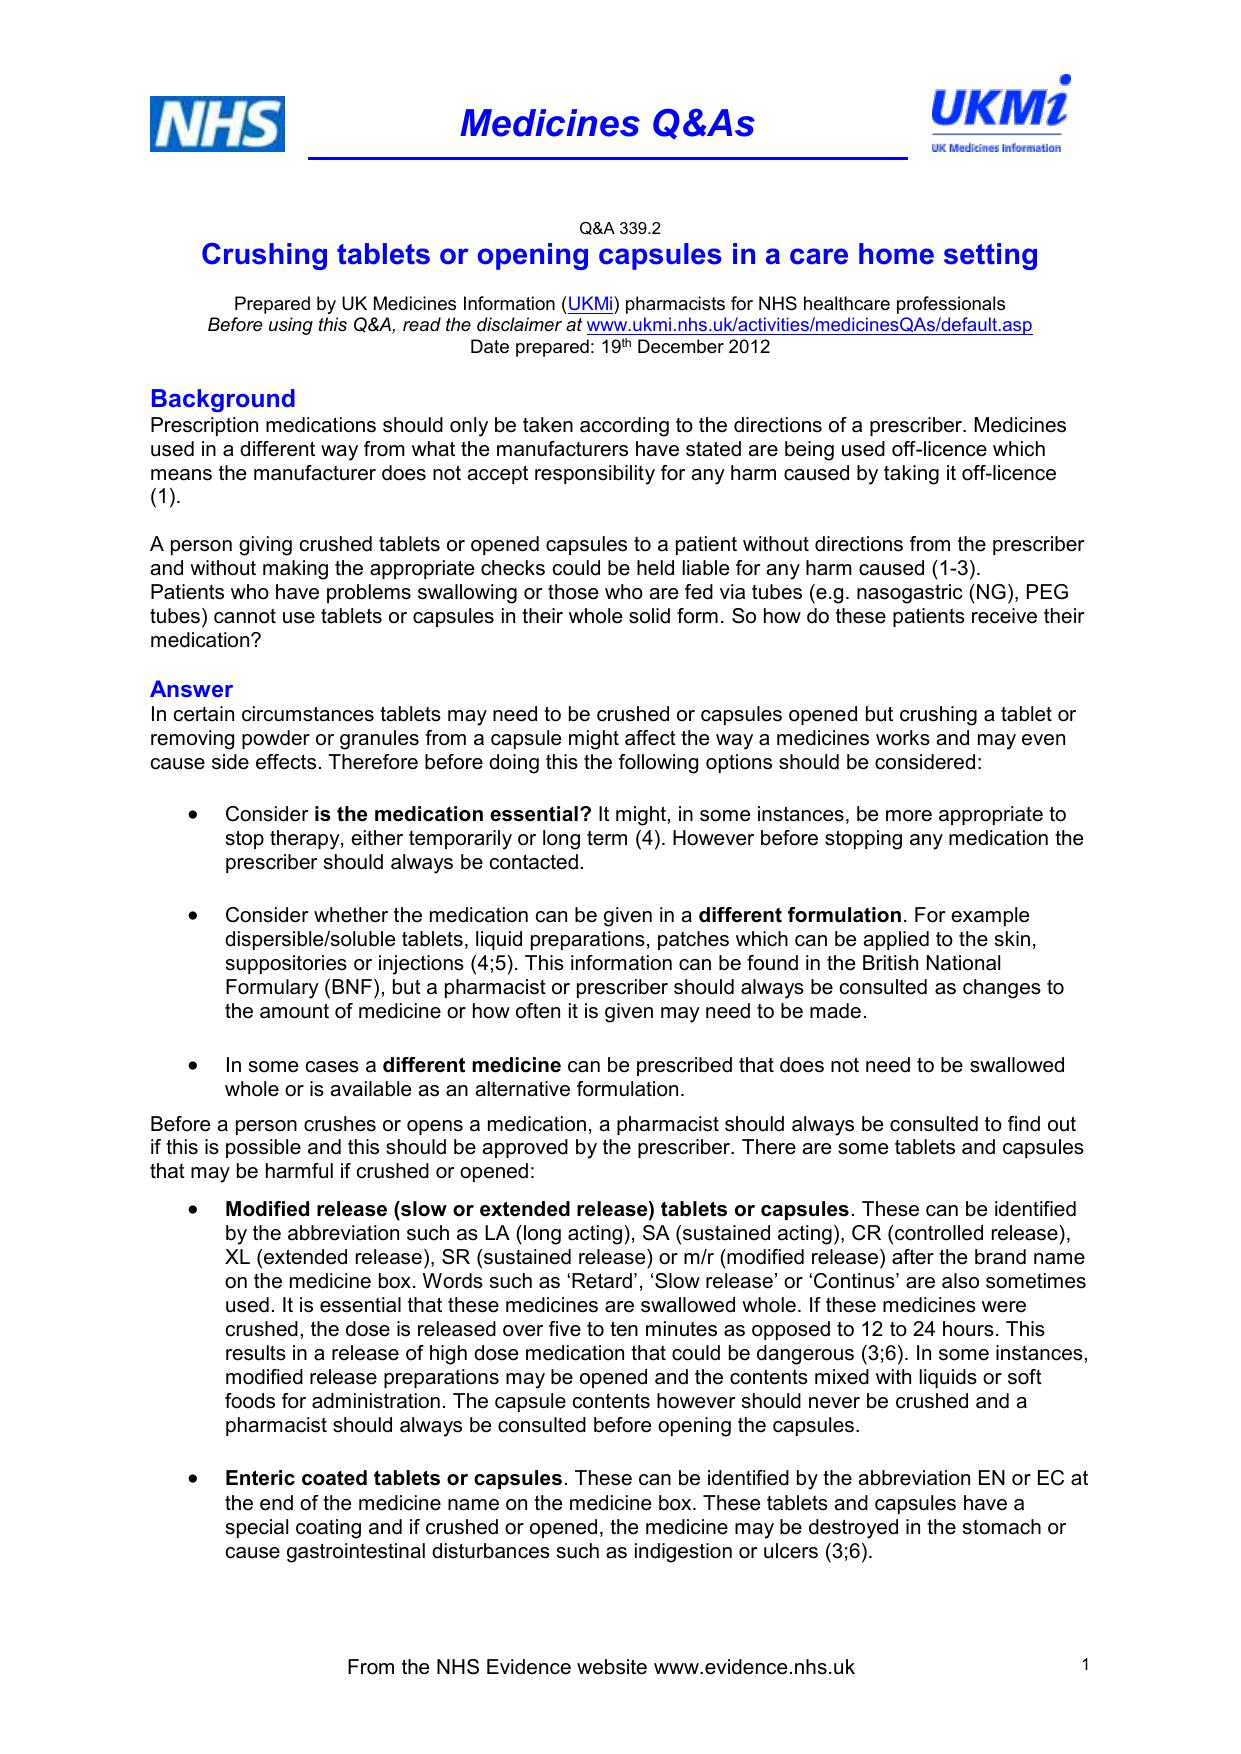 UKMi Q&A xx - NHS Evidence Search